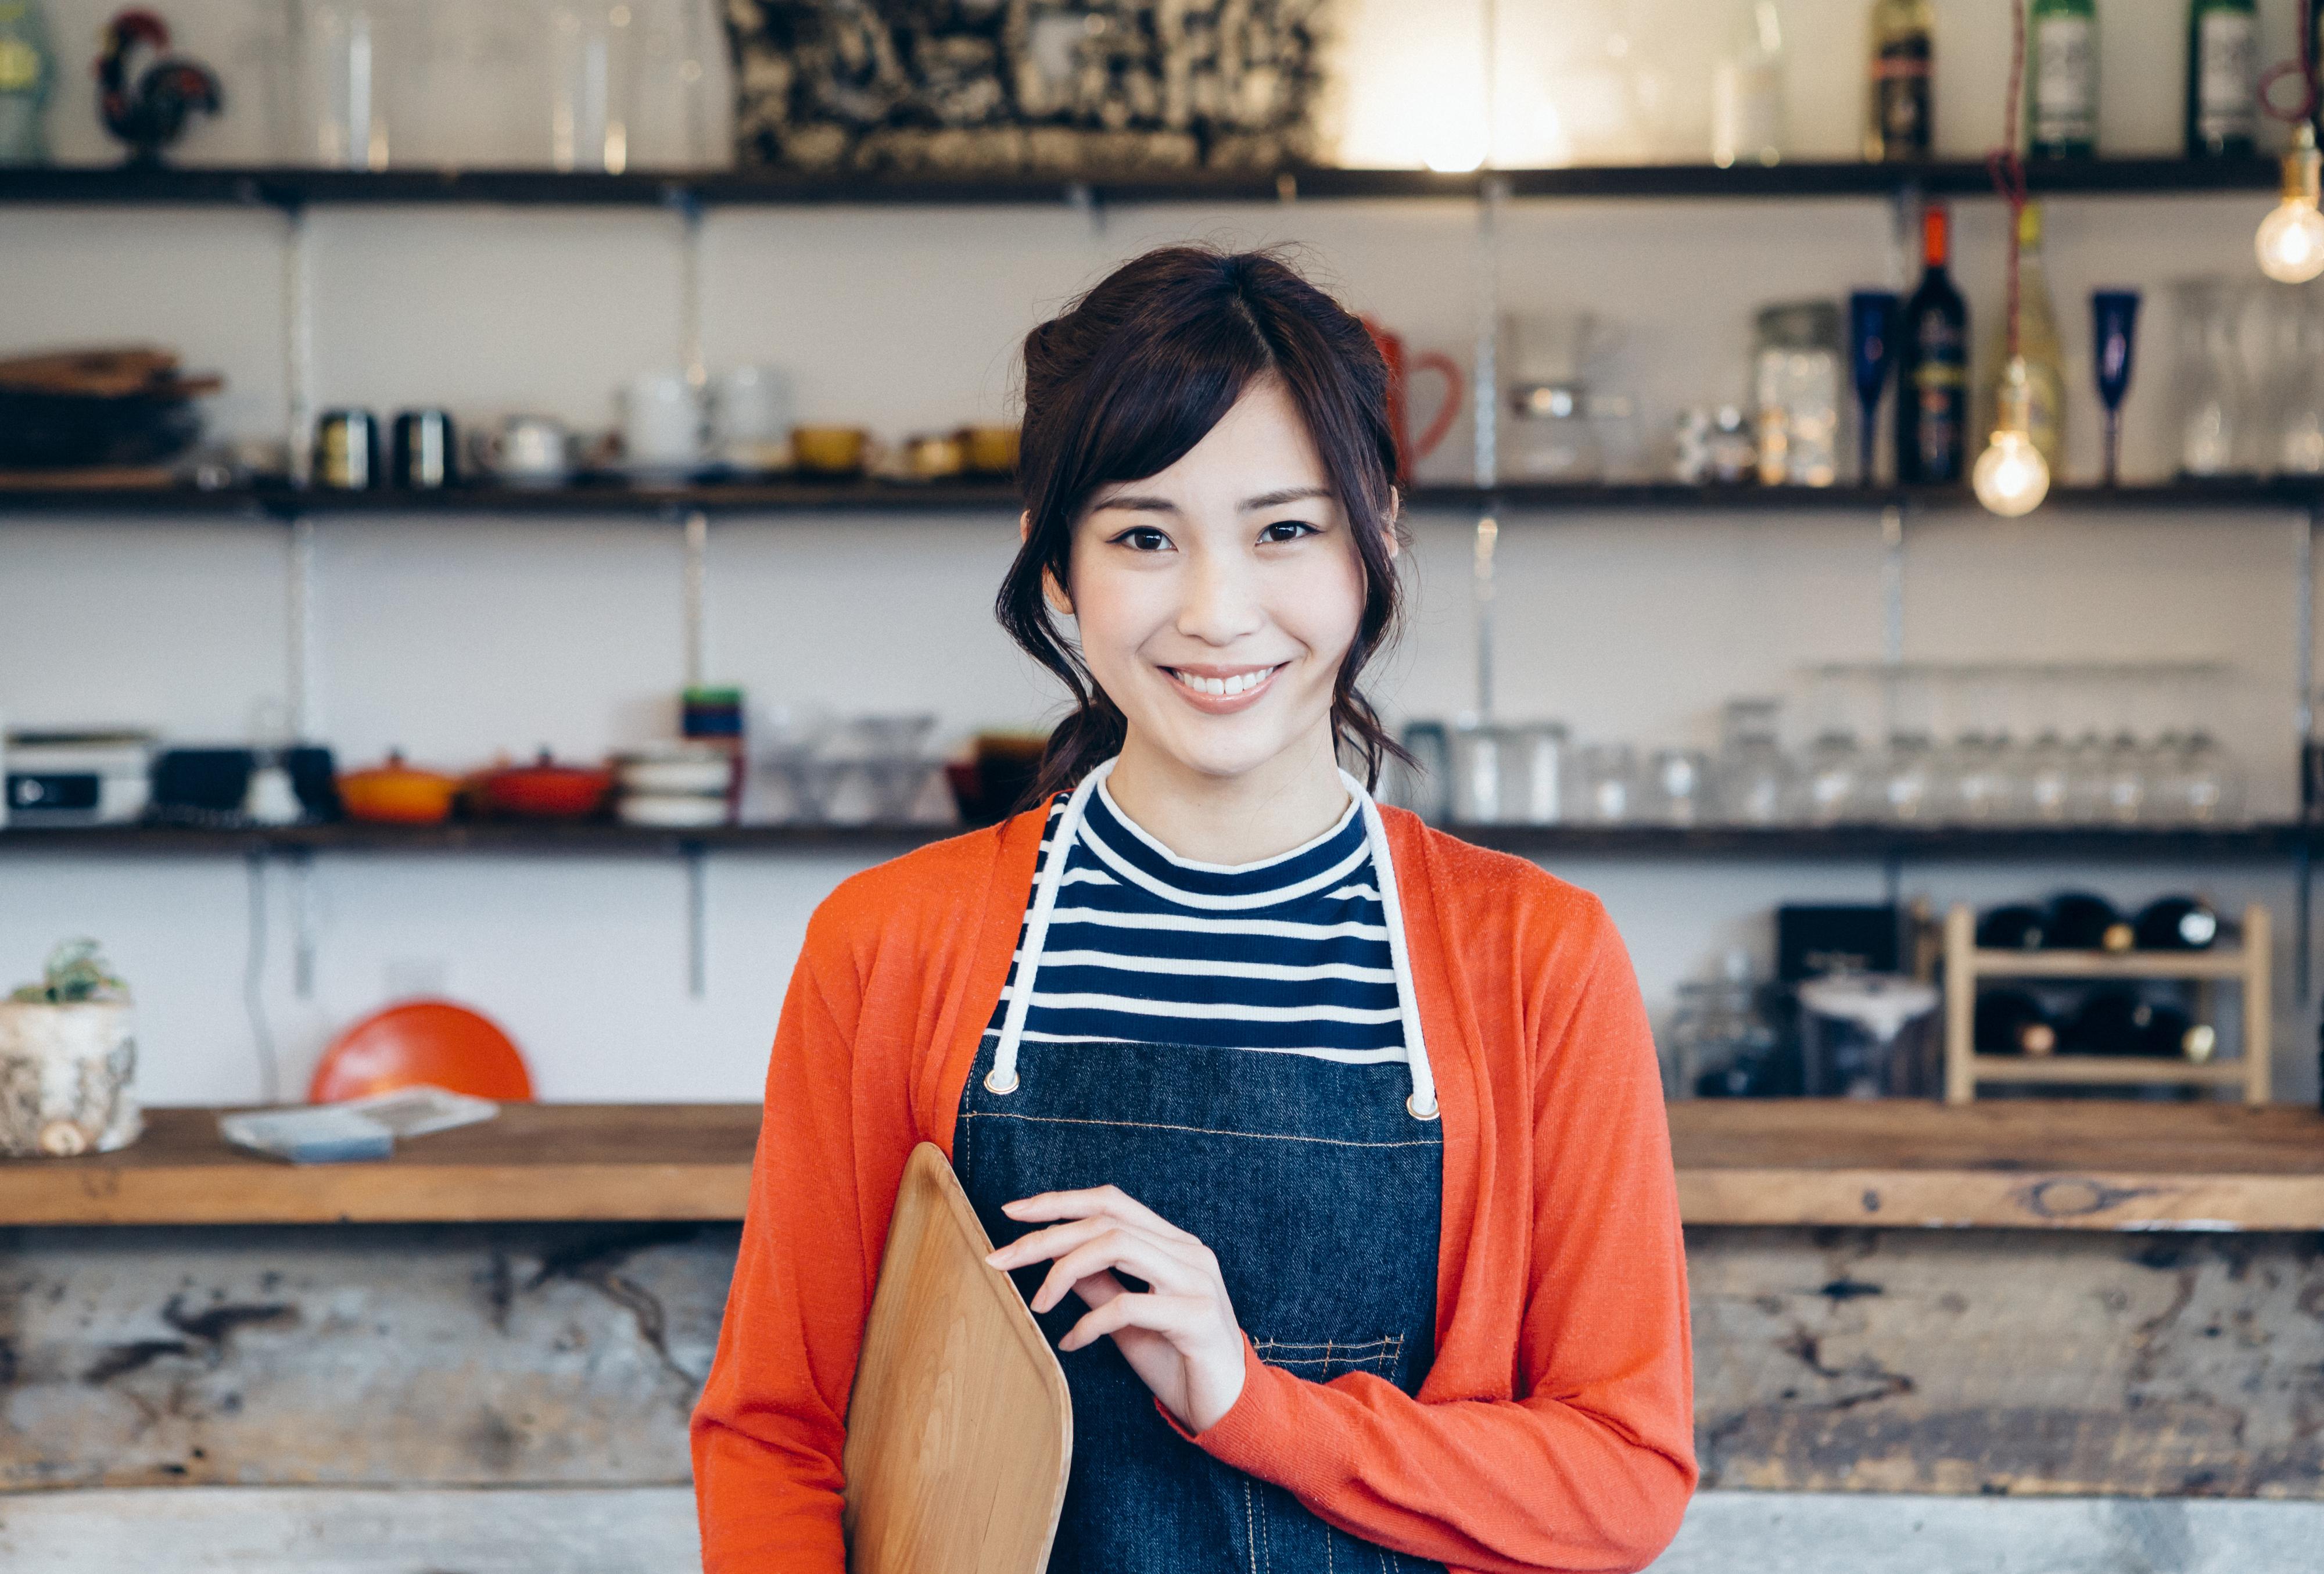 カフェで独立開業する方法、飲食業で成功するには情報収集が大切!